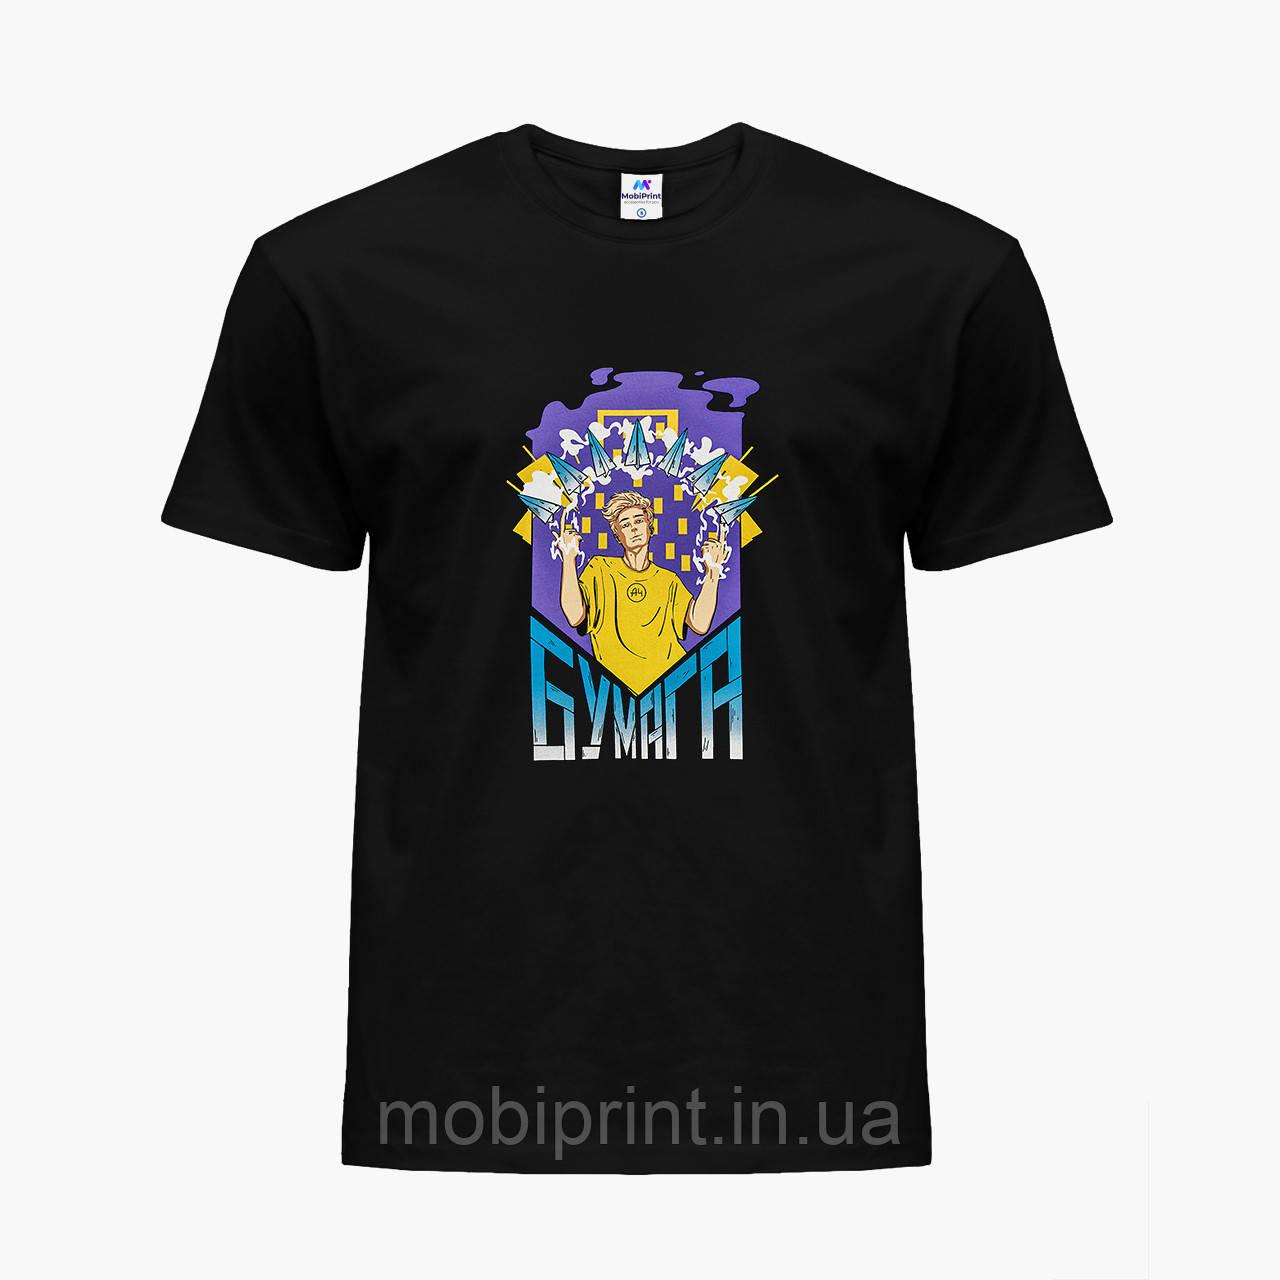 Детская футболка для мальчиков блогер Влад Бумага А4 (blogger Vlad A4) (25186-2617) Черный